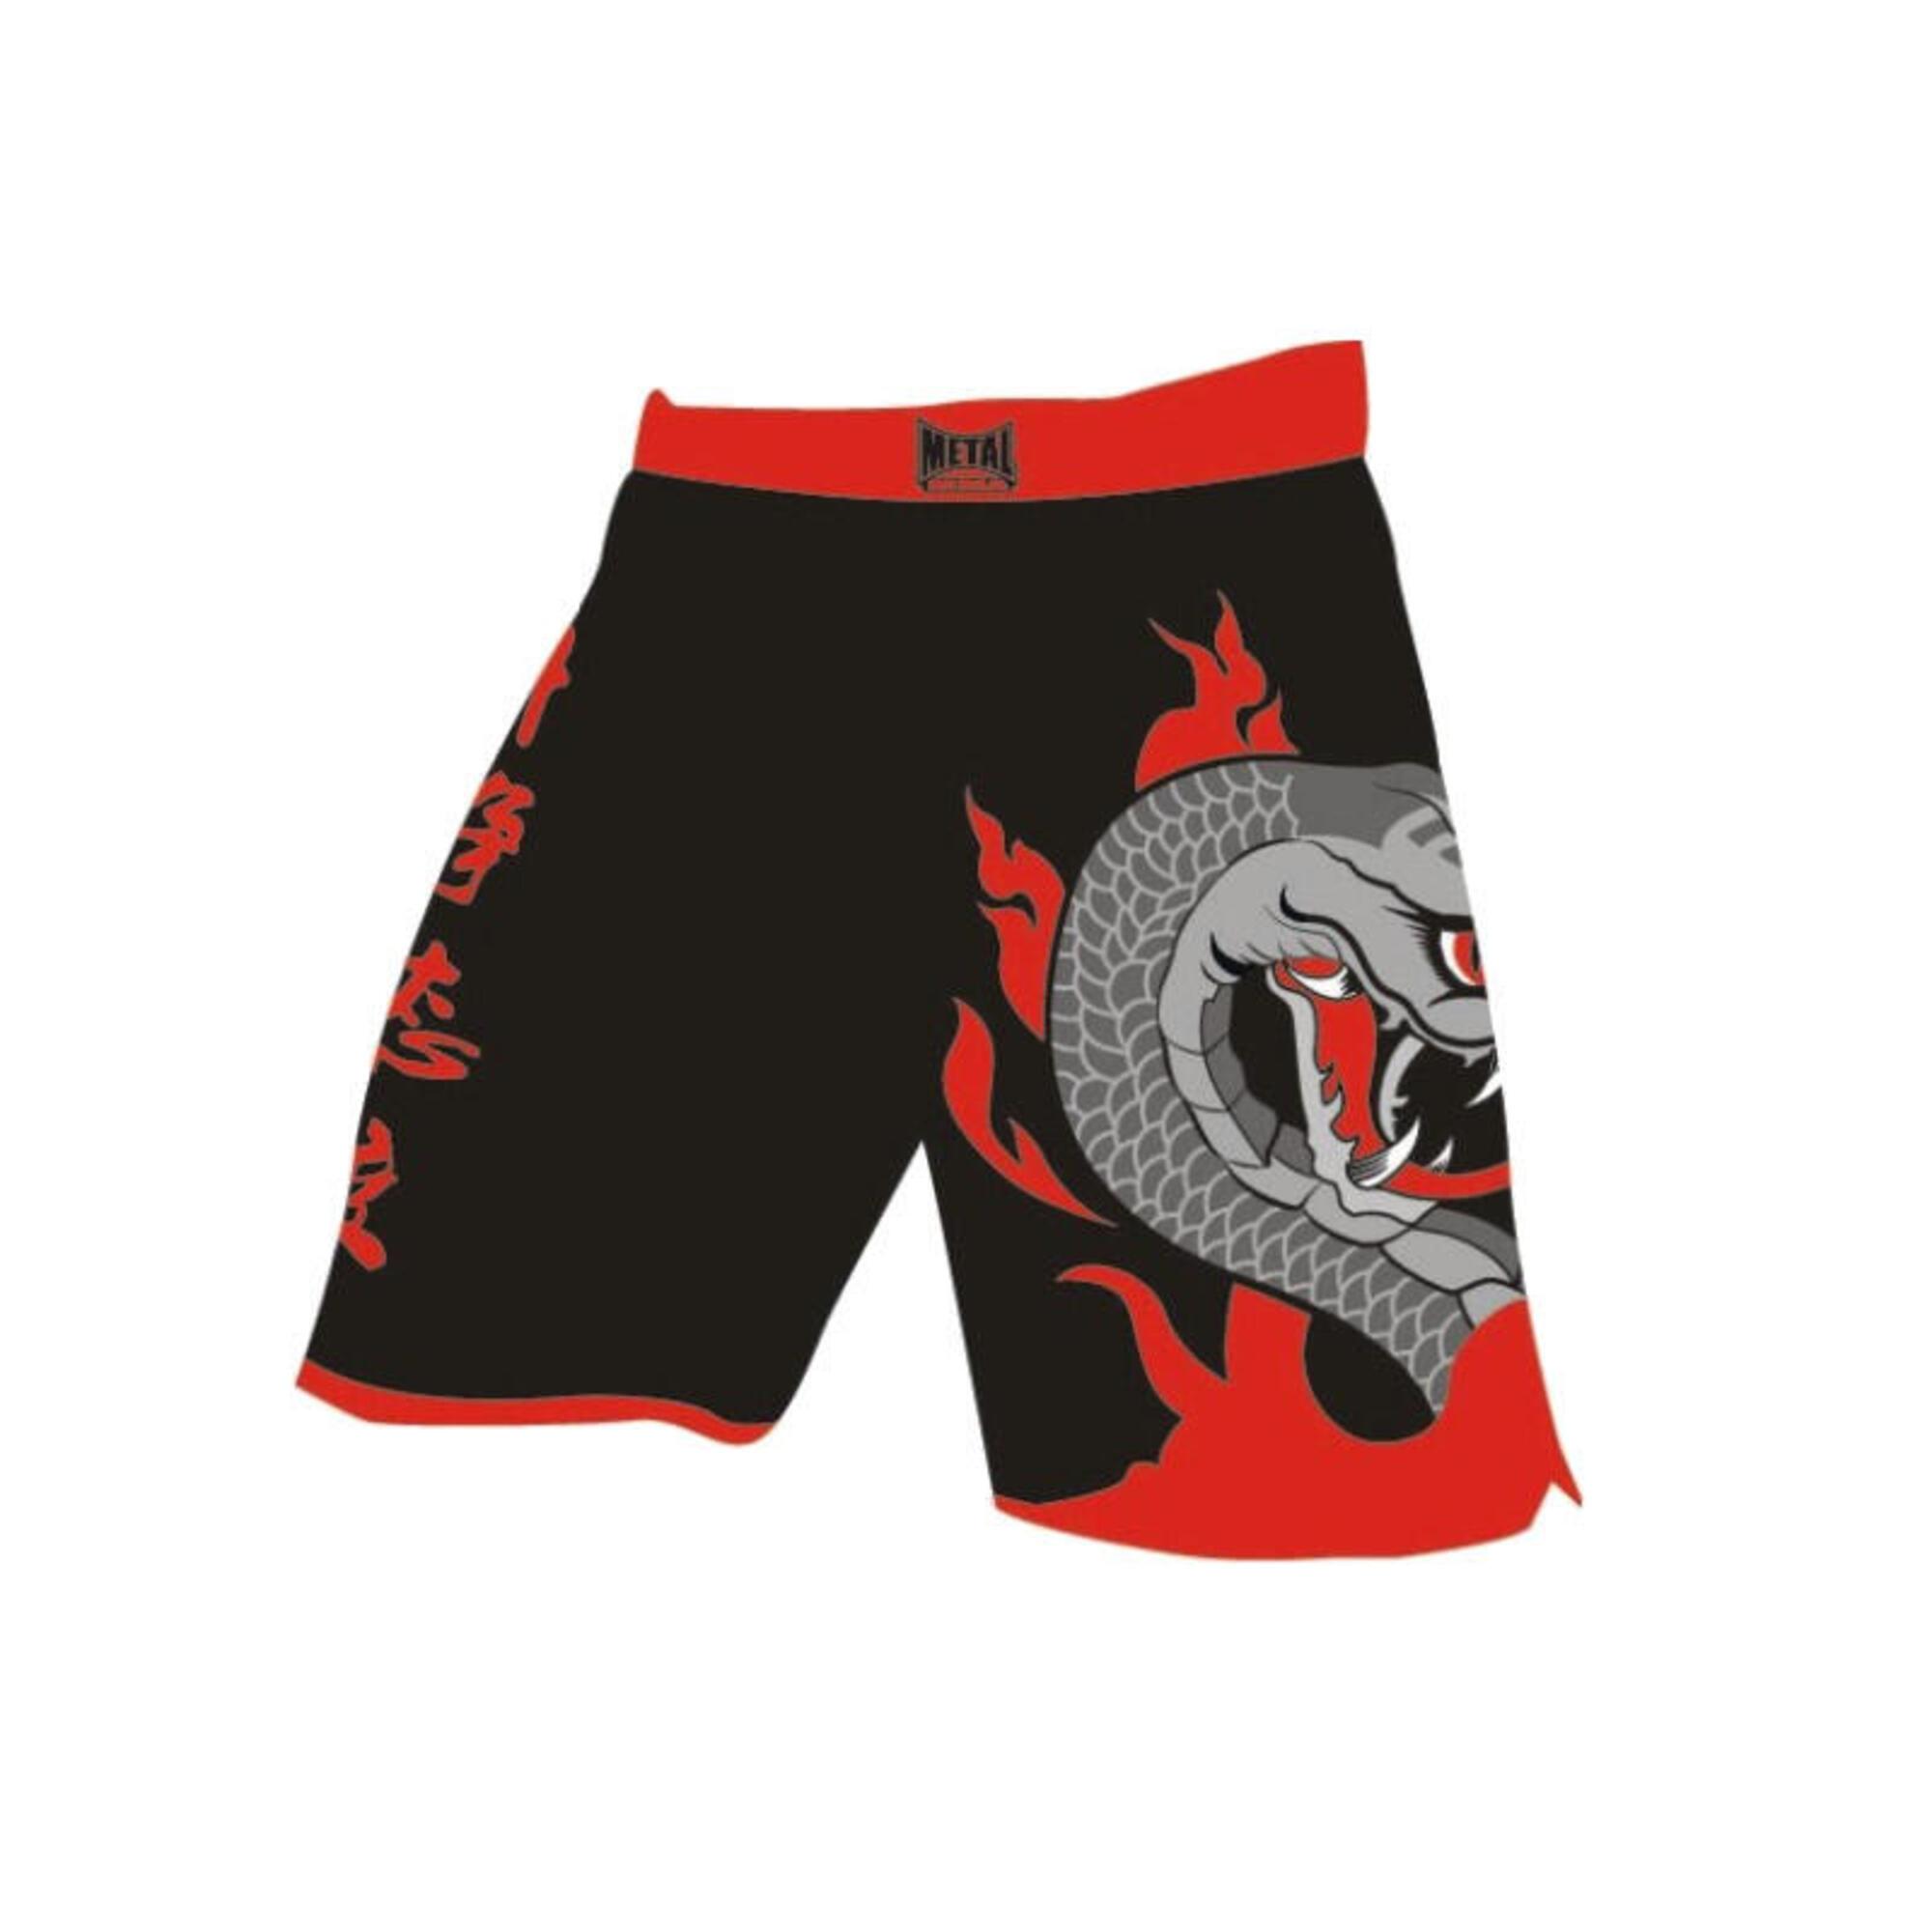 Short de MMA serpent Métal boxe